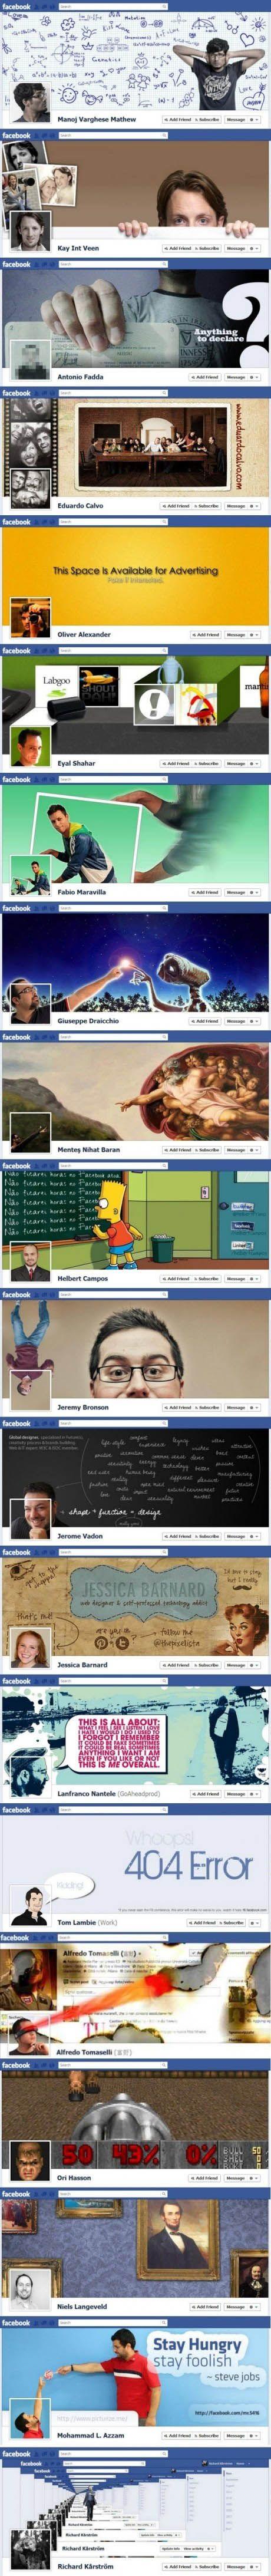 Ejemplos de inspiración para cabeceras  para el nuevo timeline de Facebook